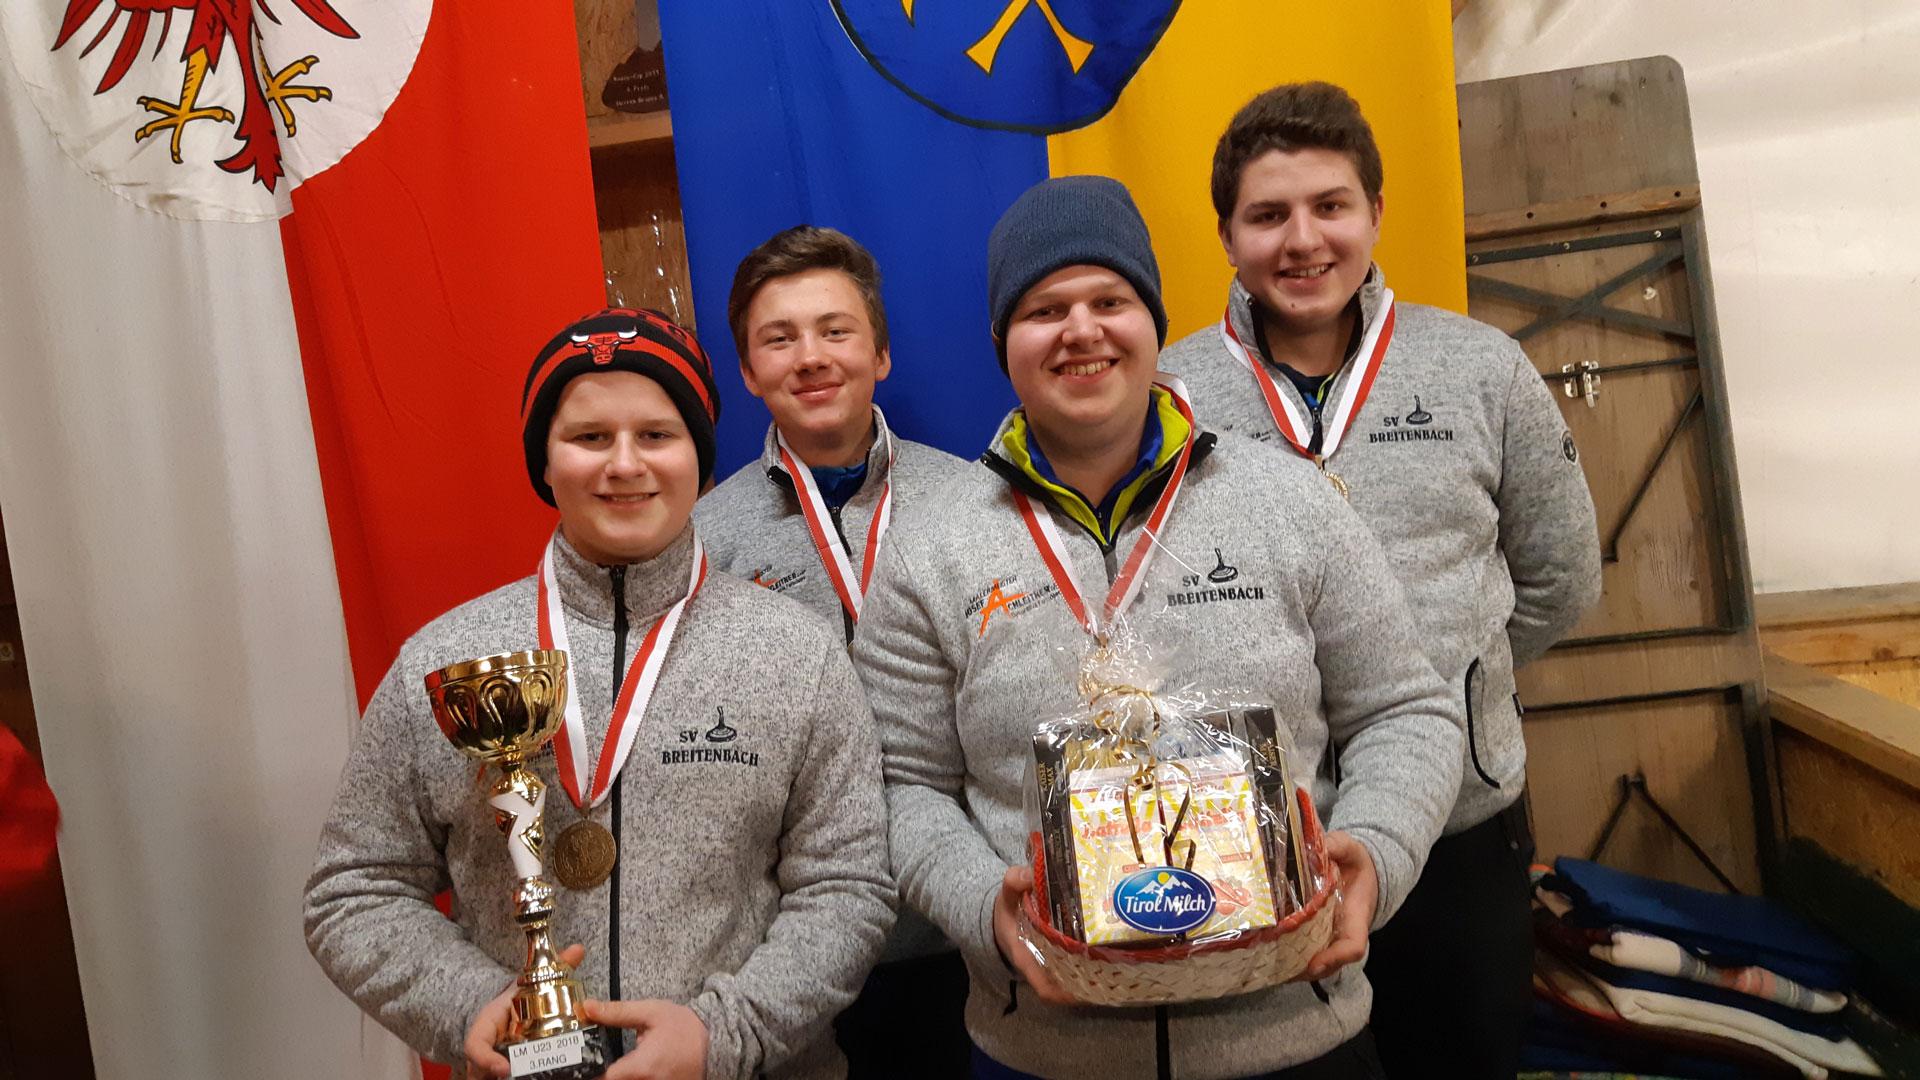 2 mal Dritter bei den Landesmeisterschaften U16 und U23